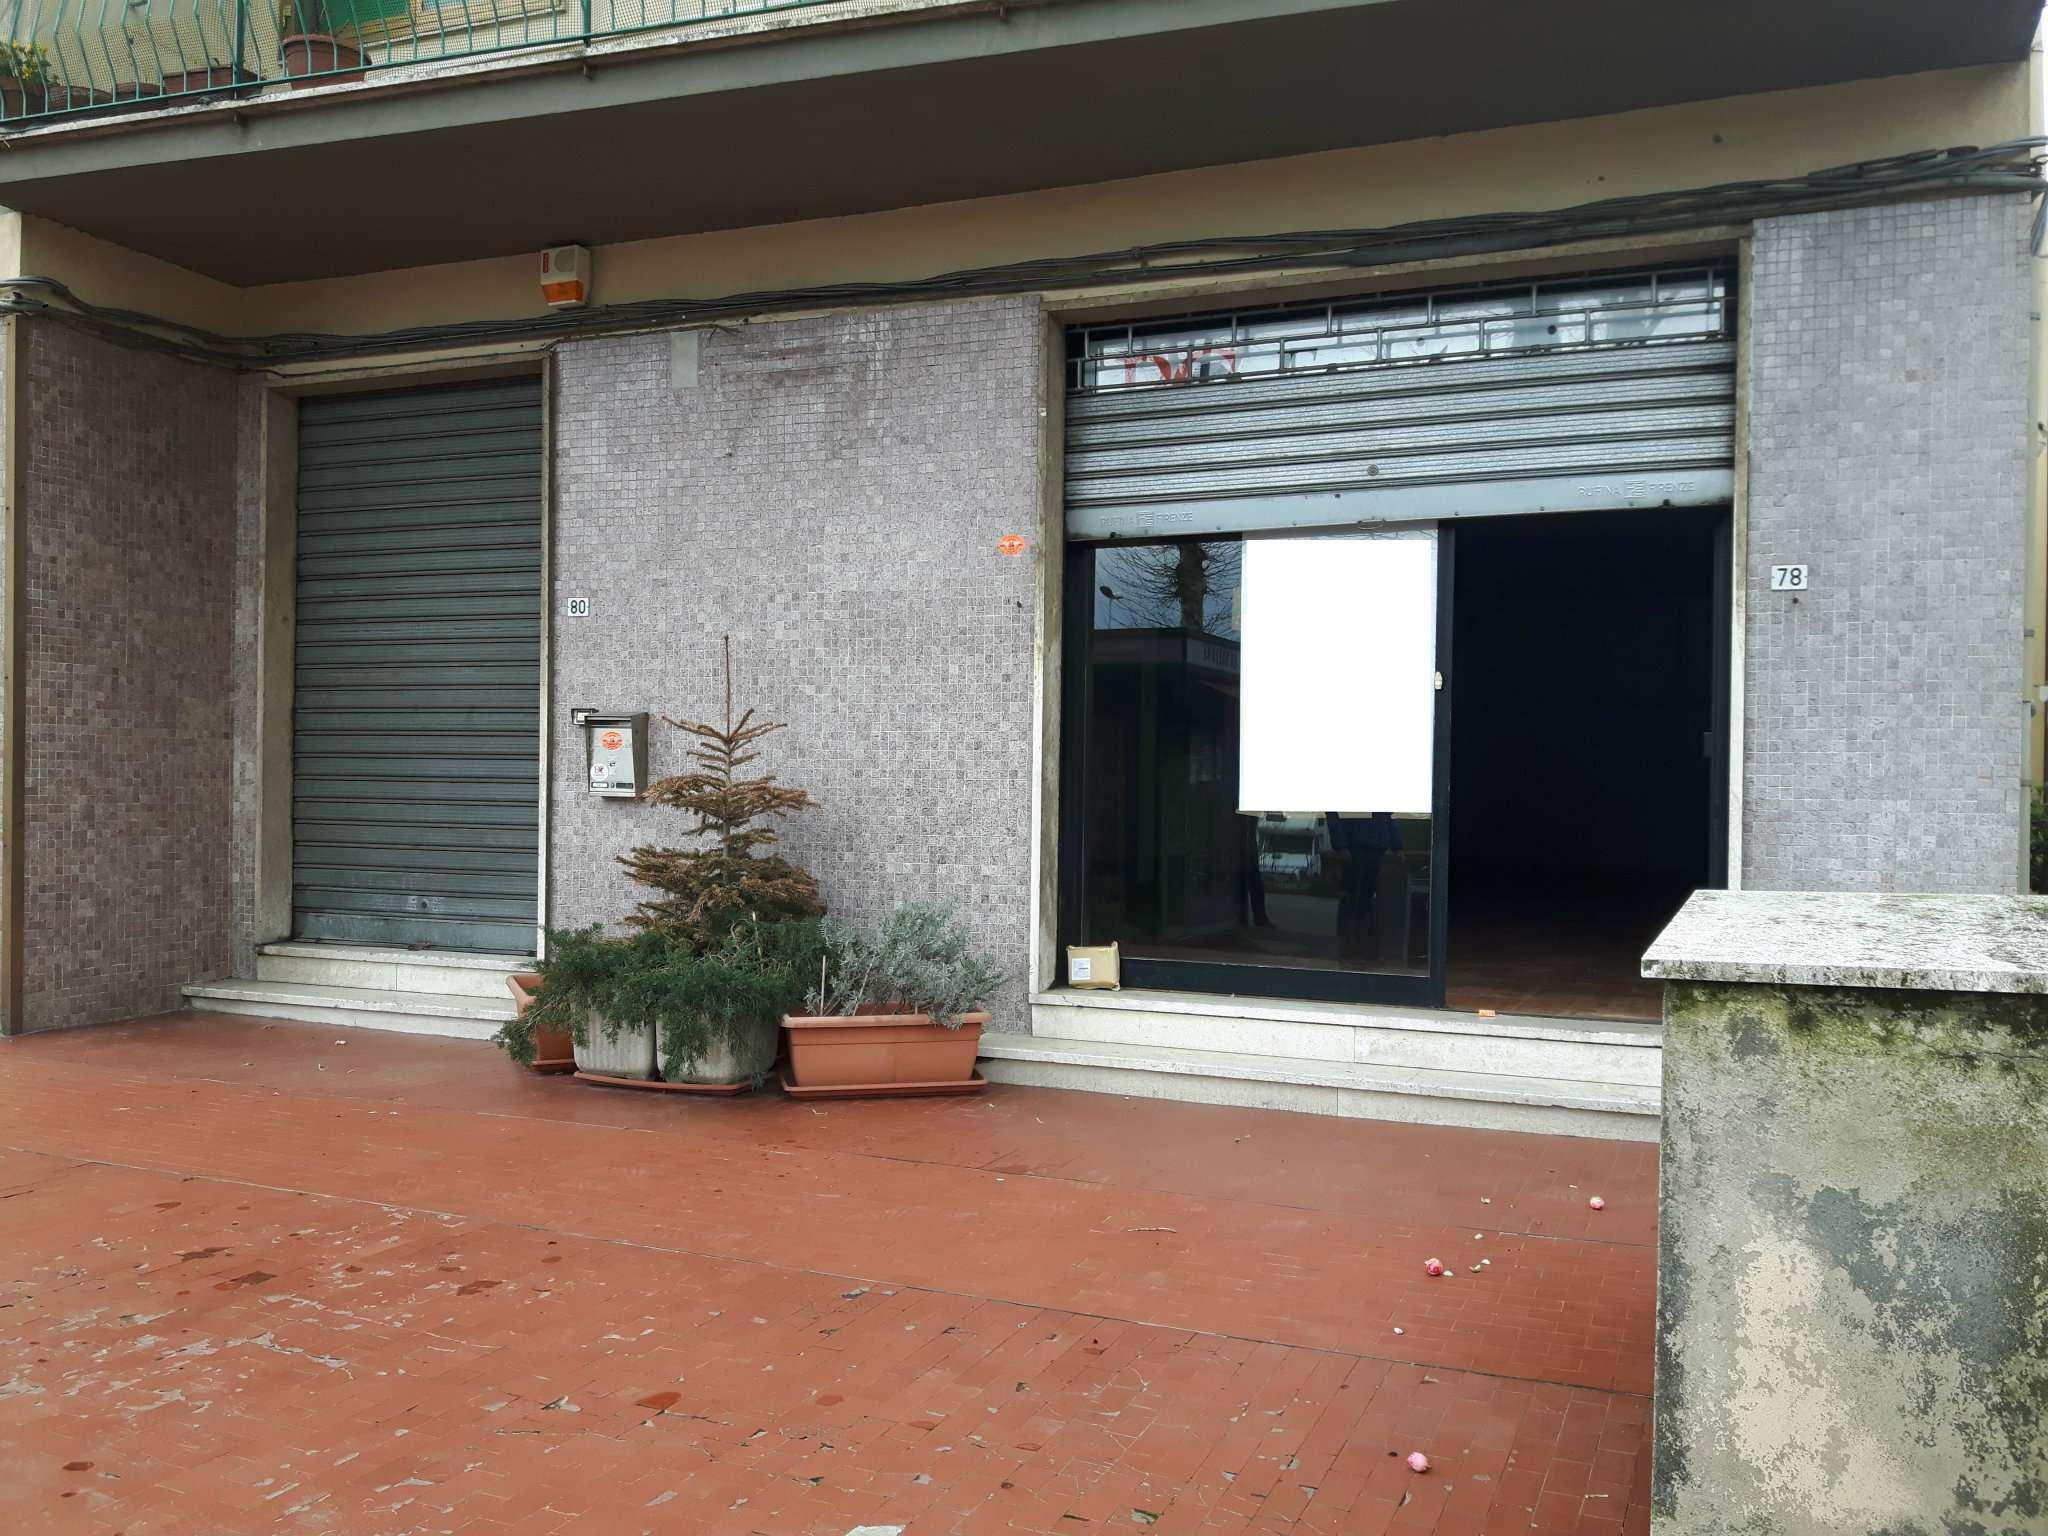 Negozio / Locale in vendita a Campi Bisenzio, 3 locali, prezzo € 145.000 | CambioCasa.it